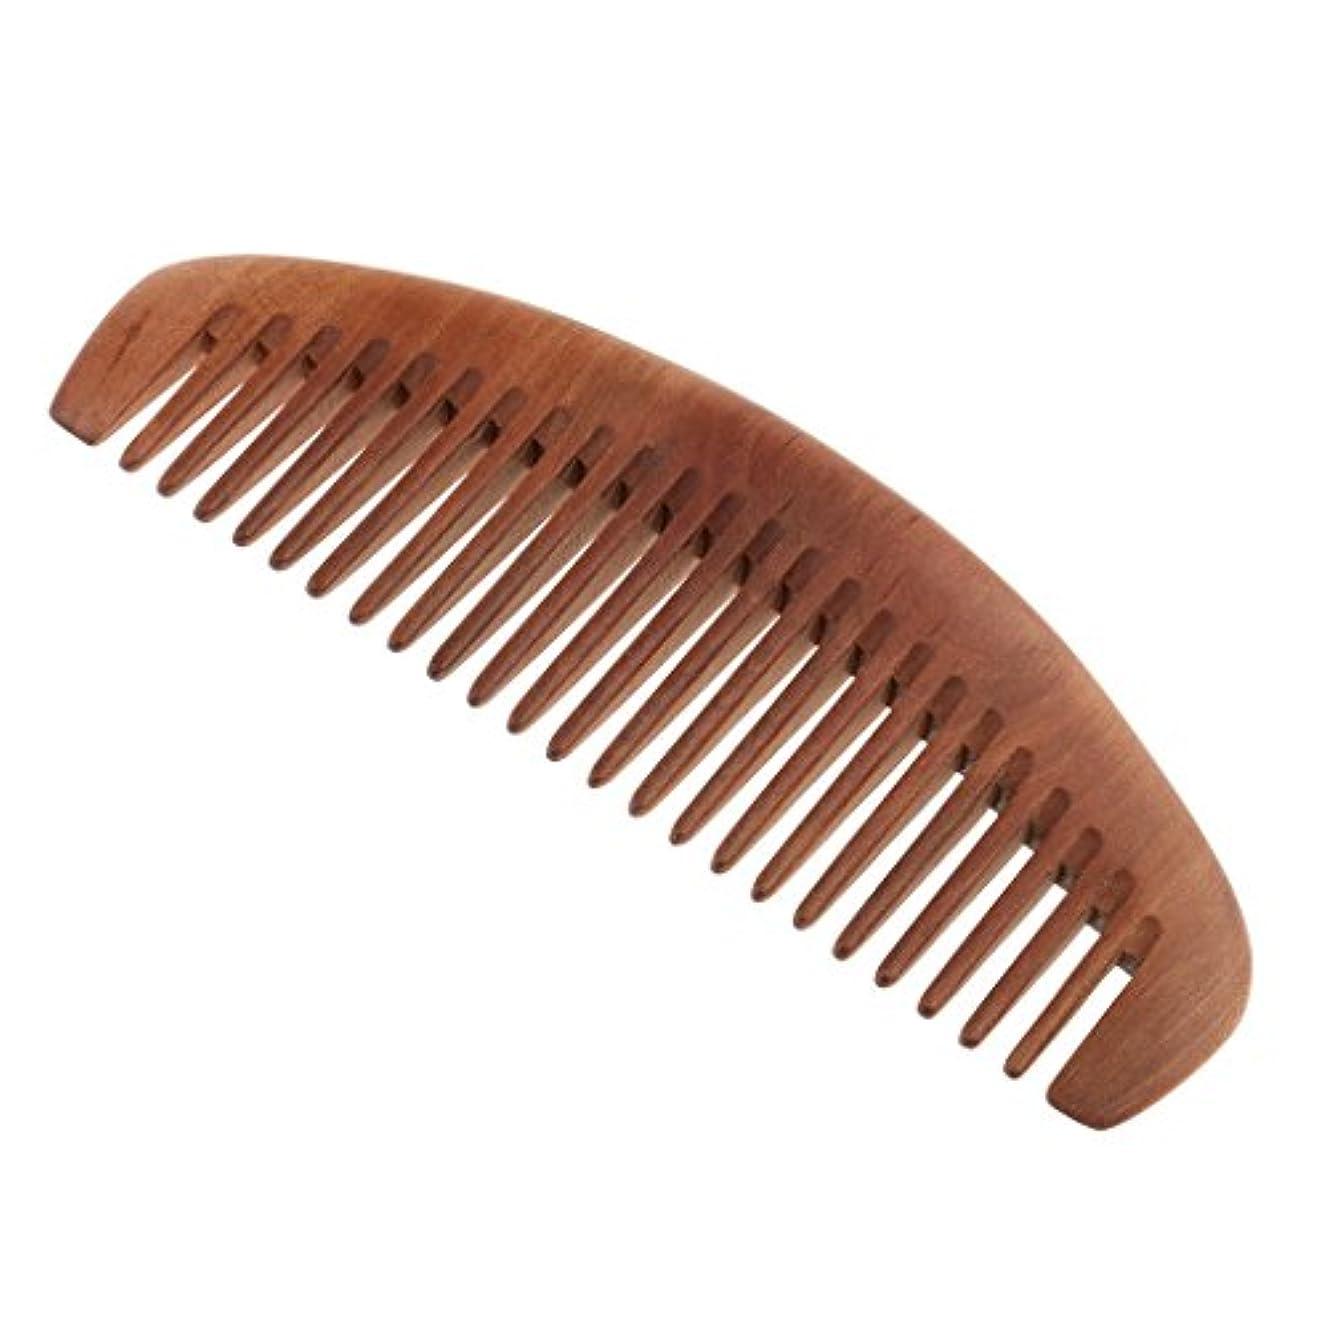 文明毛皮怖がらせるT TOOYFUL 木製櫛 アンチスタティック 頭皮マッサージ 桃の木 歯 ヘアケア 櫛マッサージ 静電気防止 全2種類 - ワイド歯